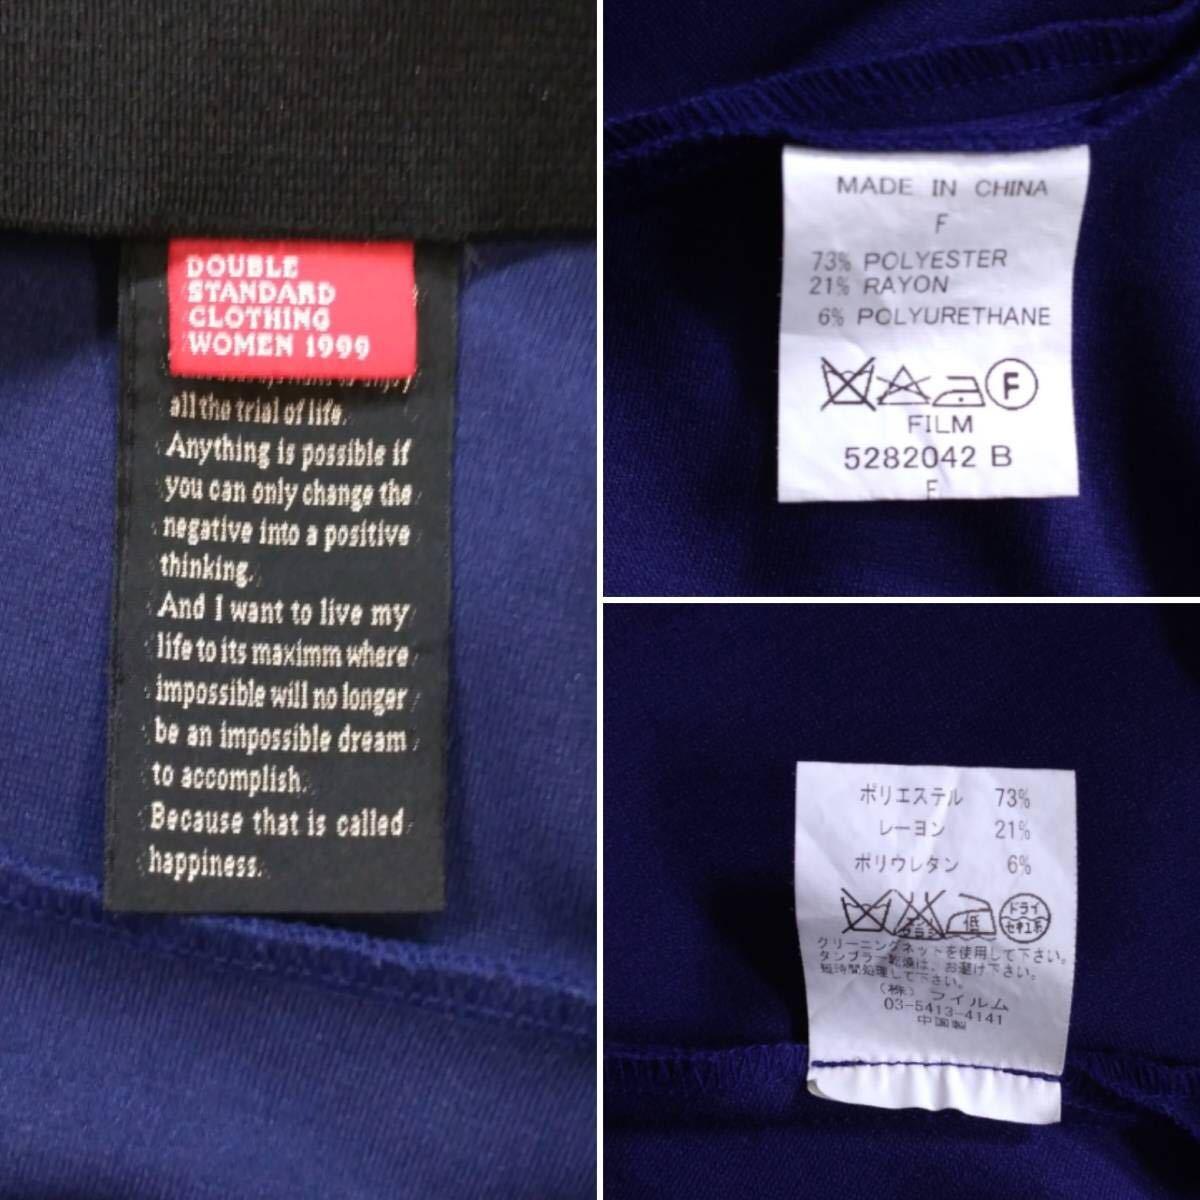 ダブルスタンダードクロージング ポンチスカート ロイヤルブルー パープルネイビー 膝丈 ゴムウエスト DOUBLE STANDARD CLOTHING_画像6